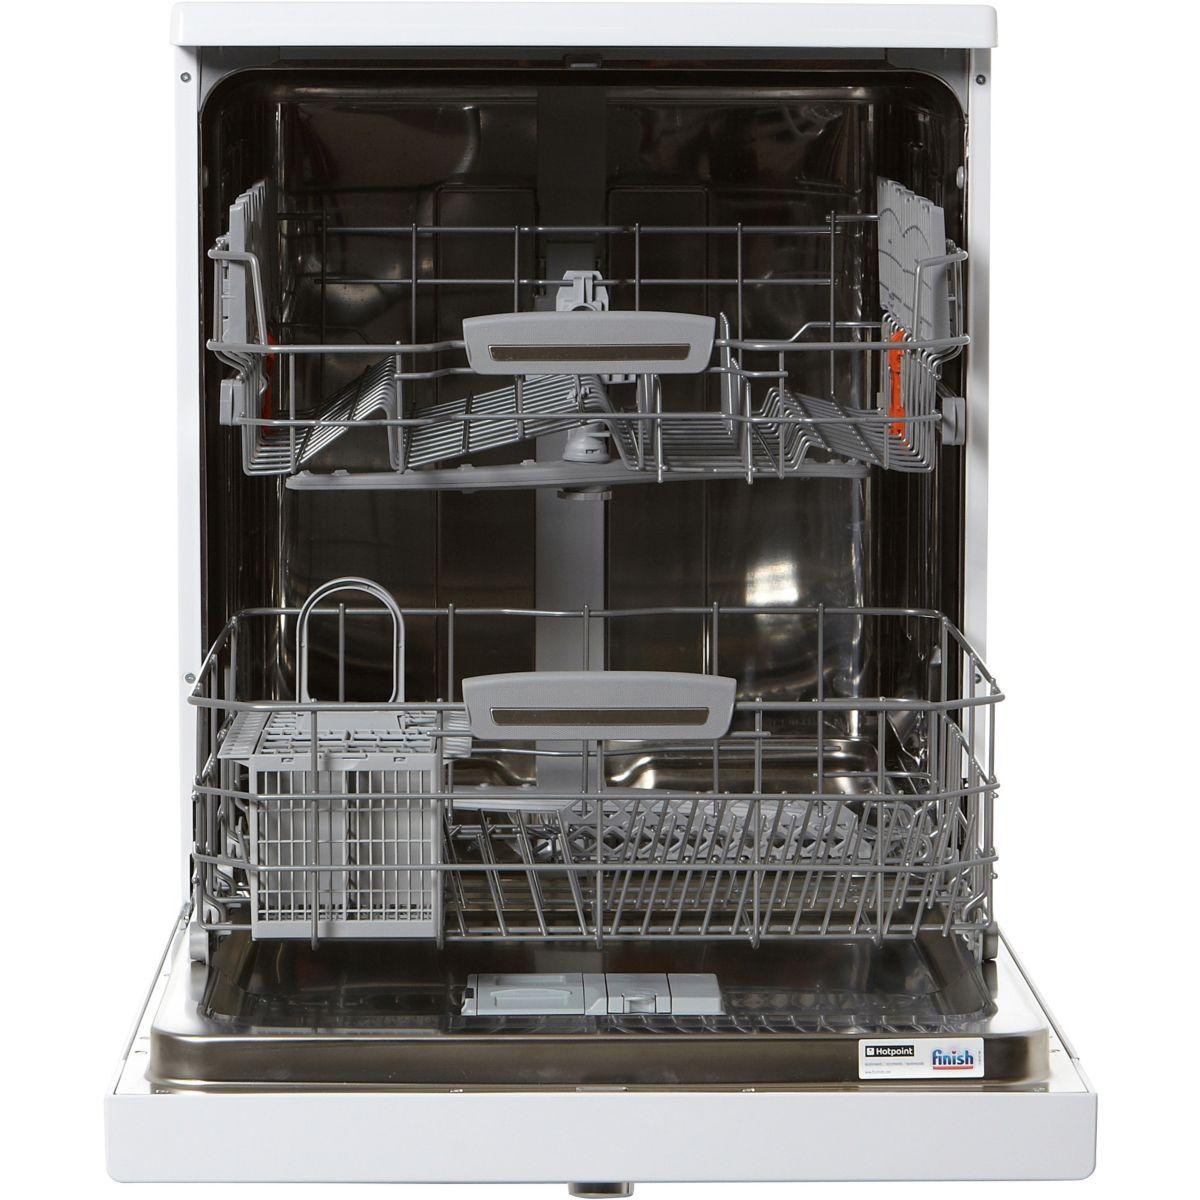 Lave-vaisselle 60cm hotpoint lfk 7m124 fr - 5% de remise : code gam5 (photo)